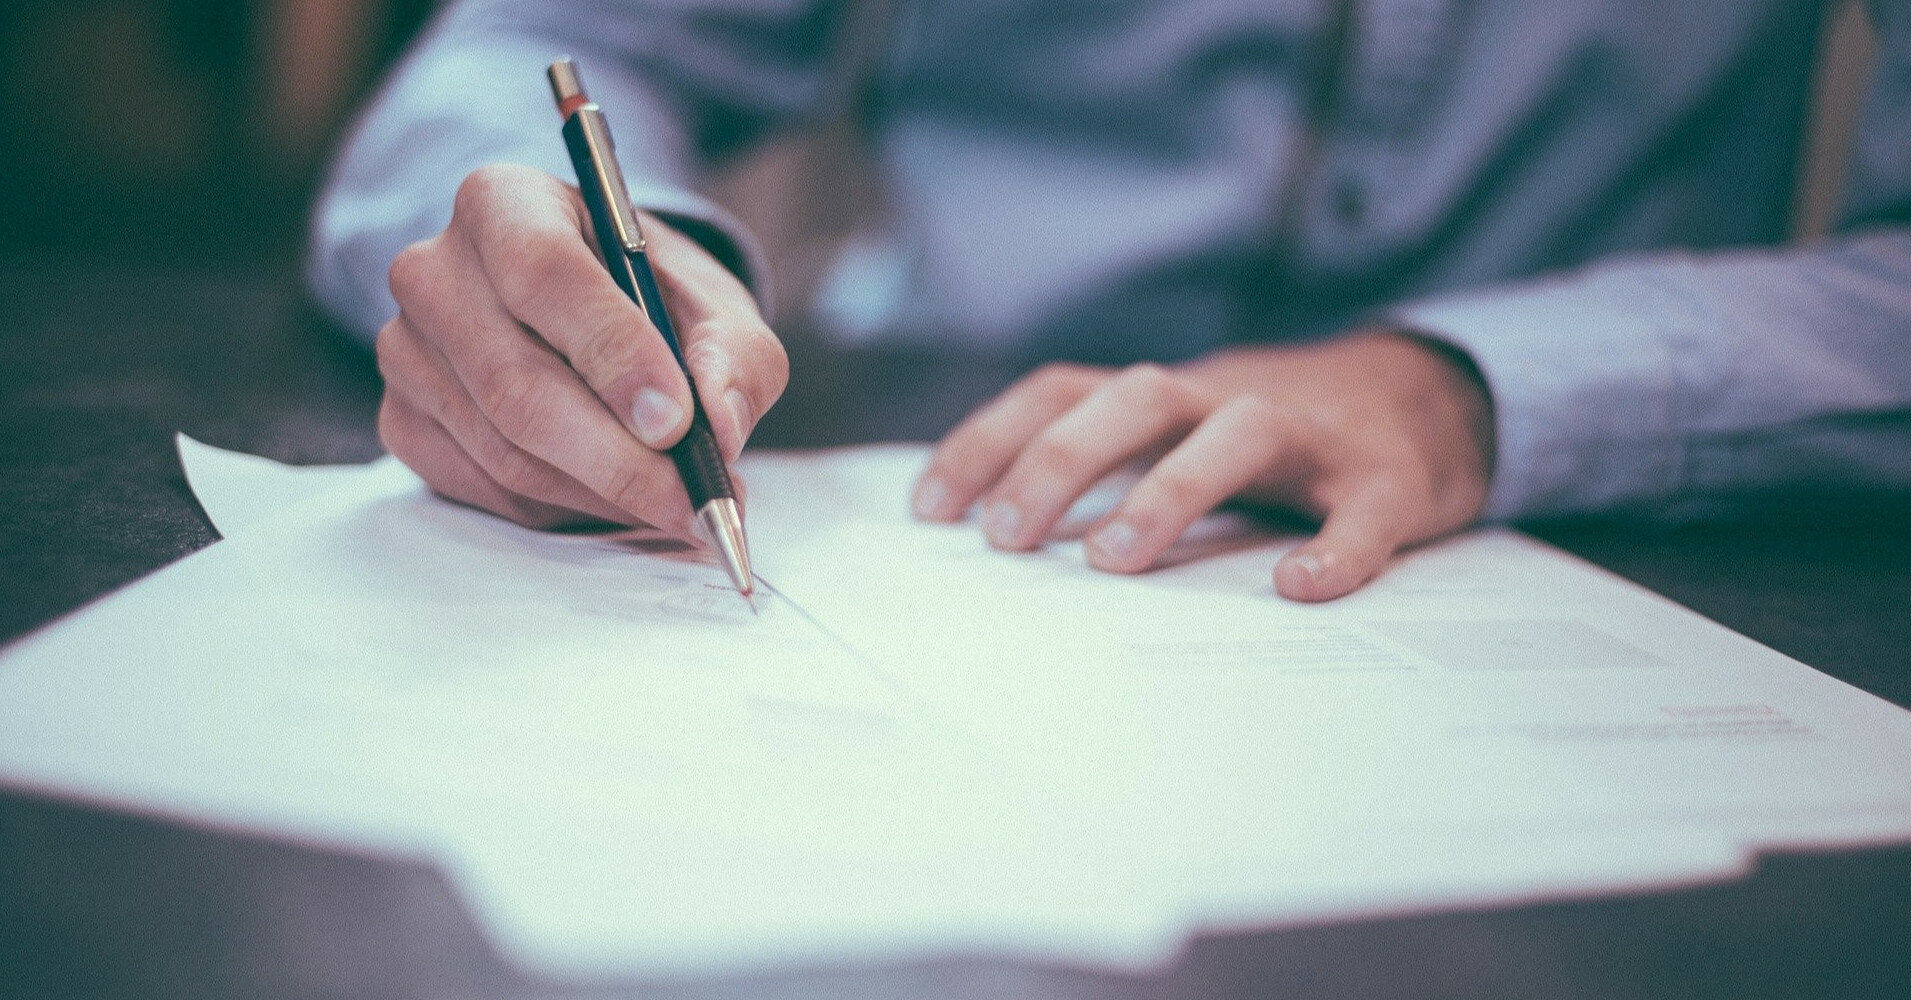 НАПК начало проверку деклараций нардепов